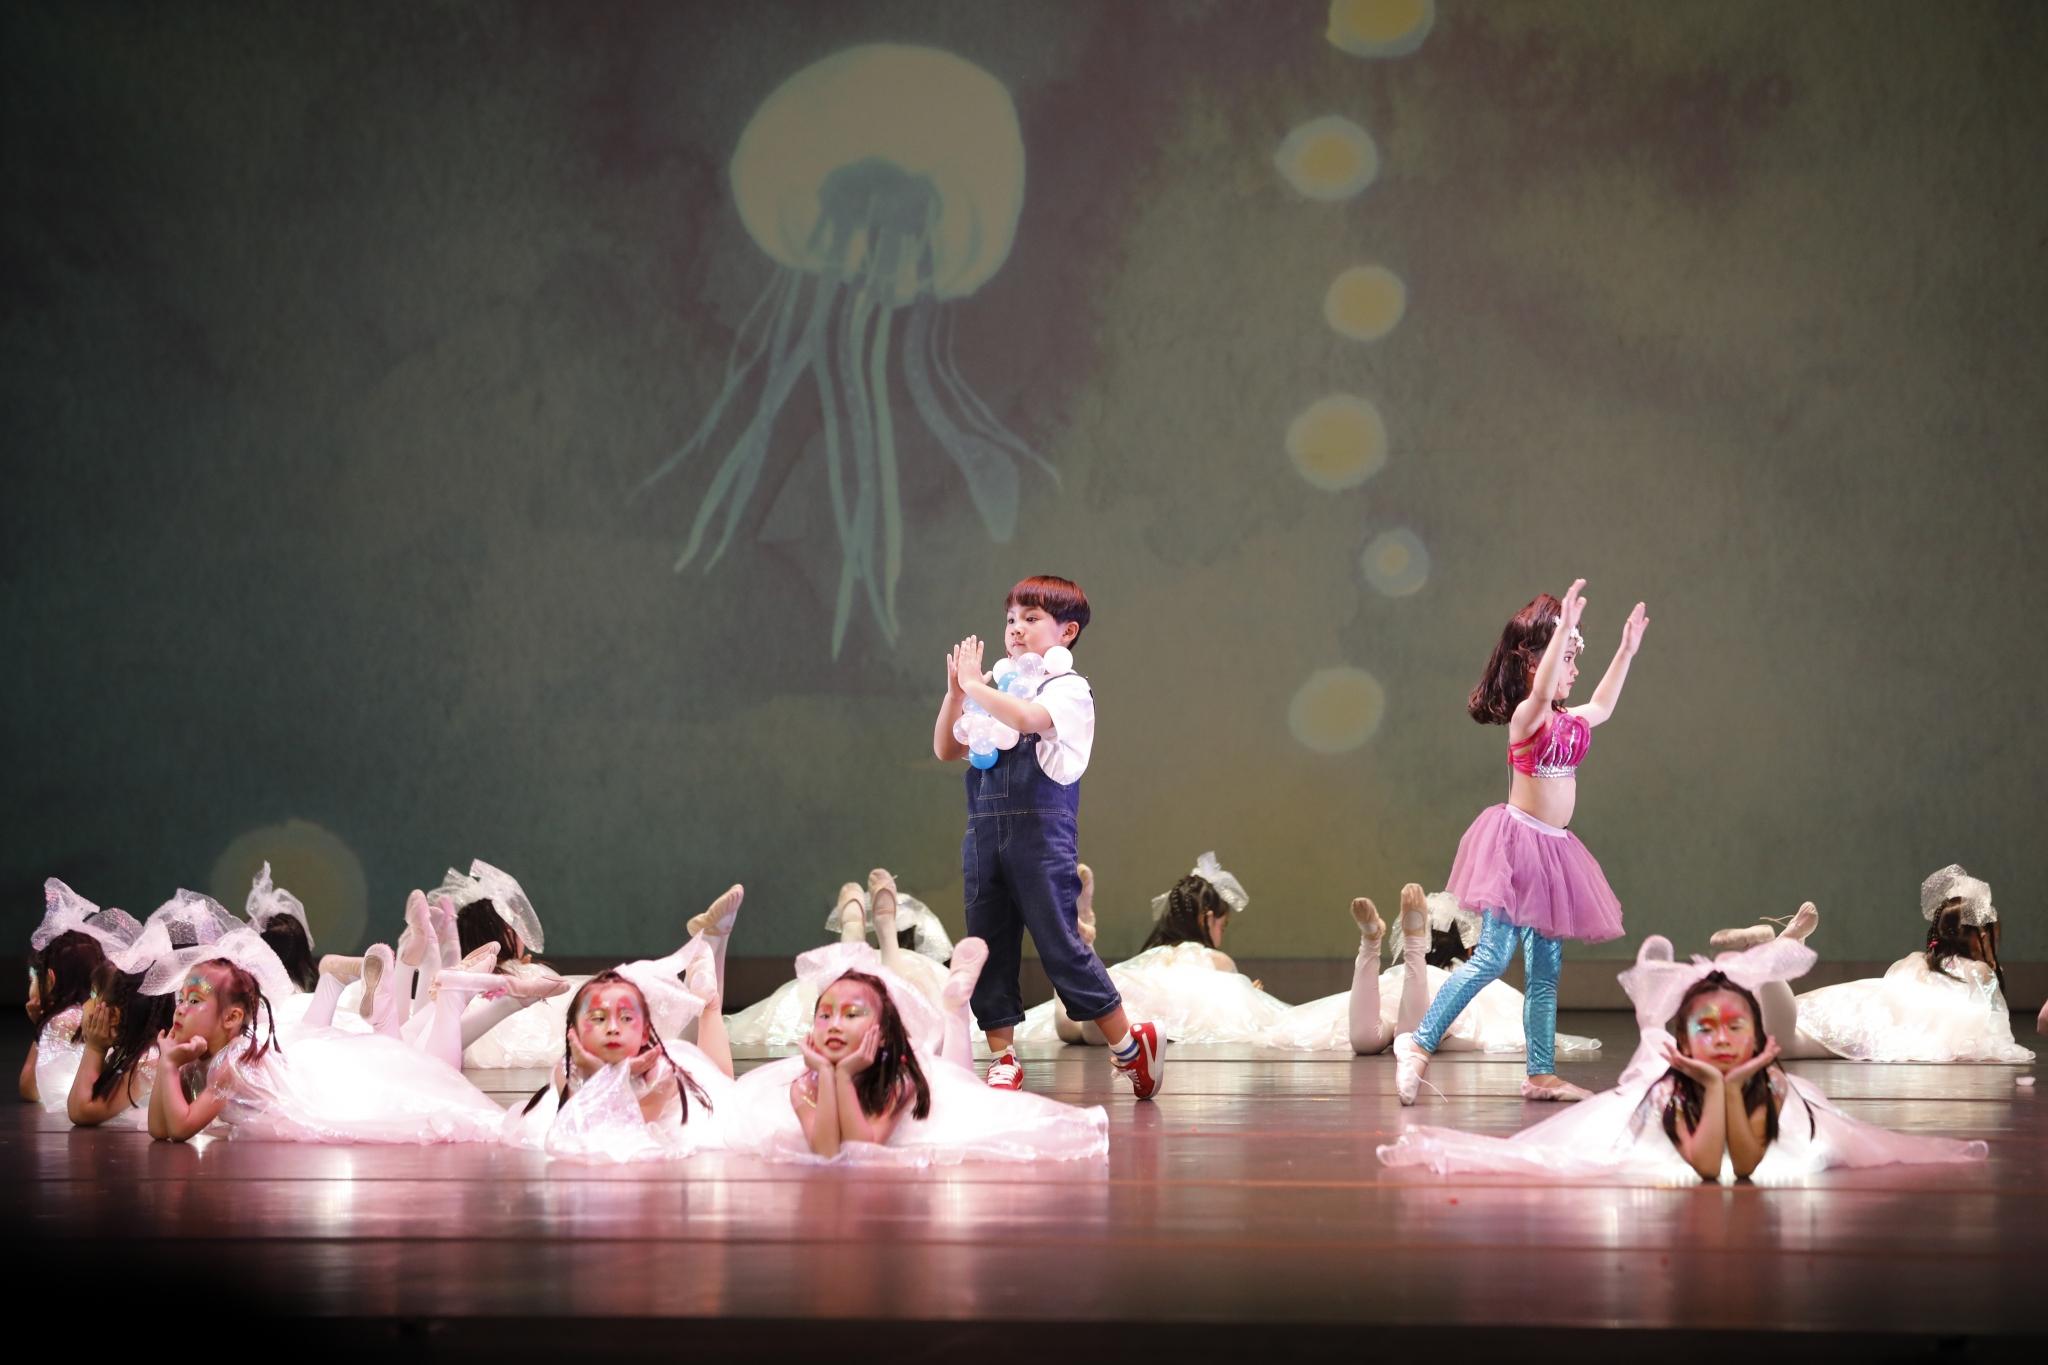 《美人魚的泡沫》演出相片(劇照由澳門基金會提供)